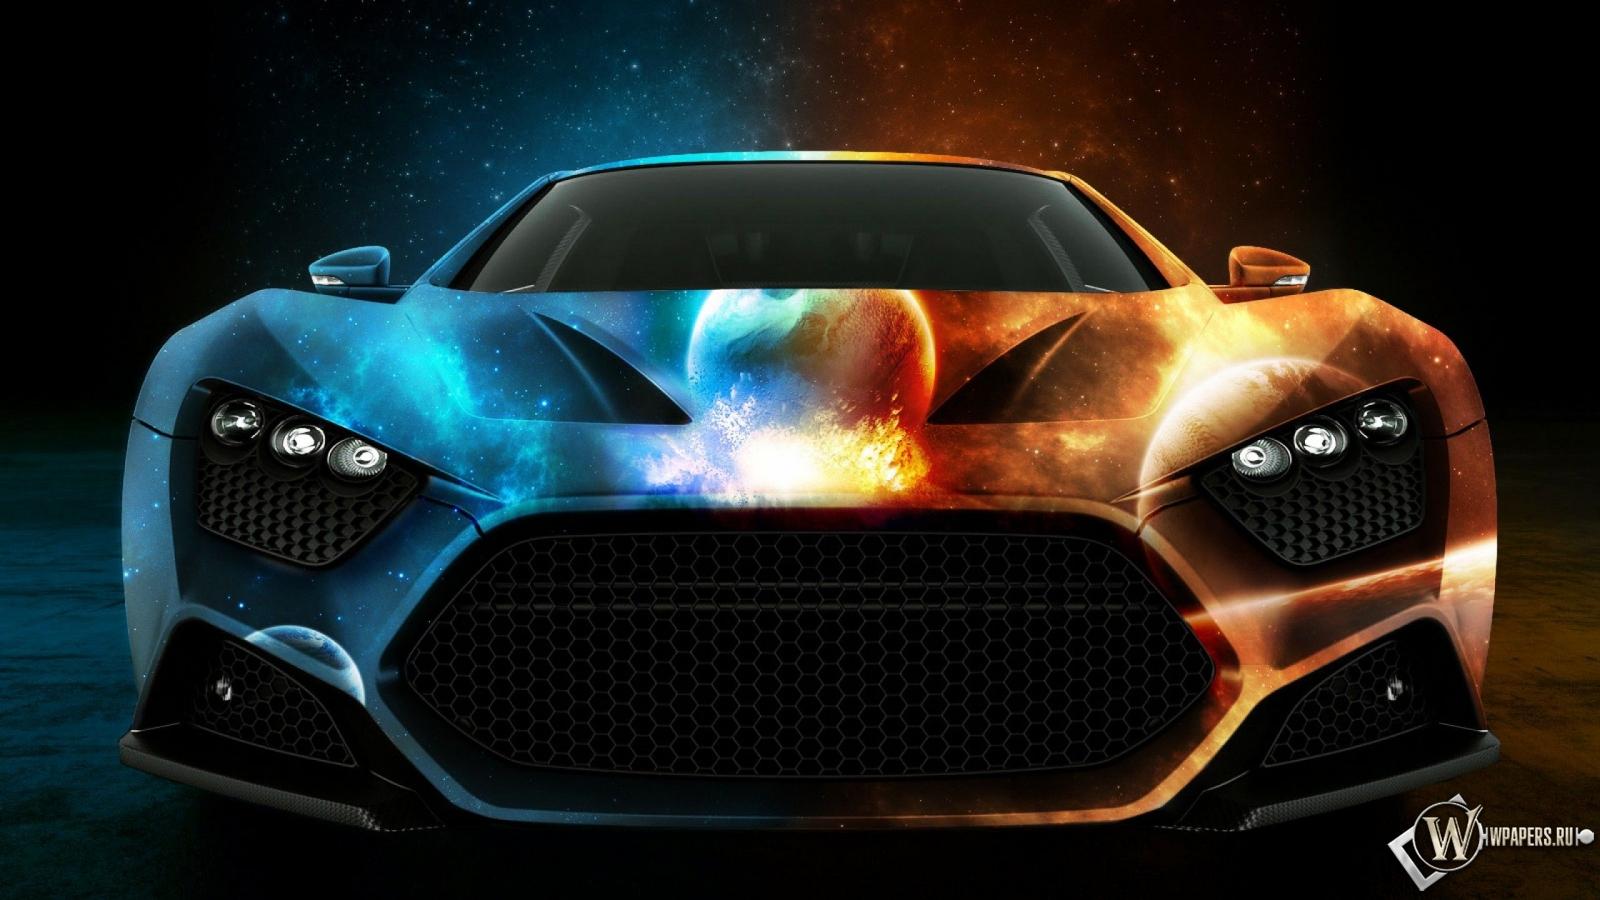 Машина двух миров 1600x900